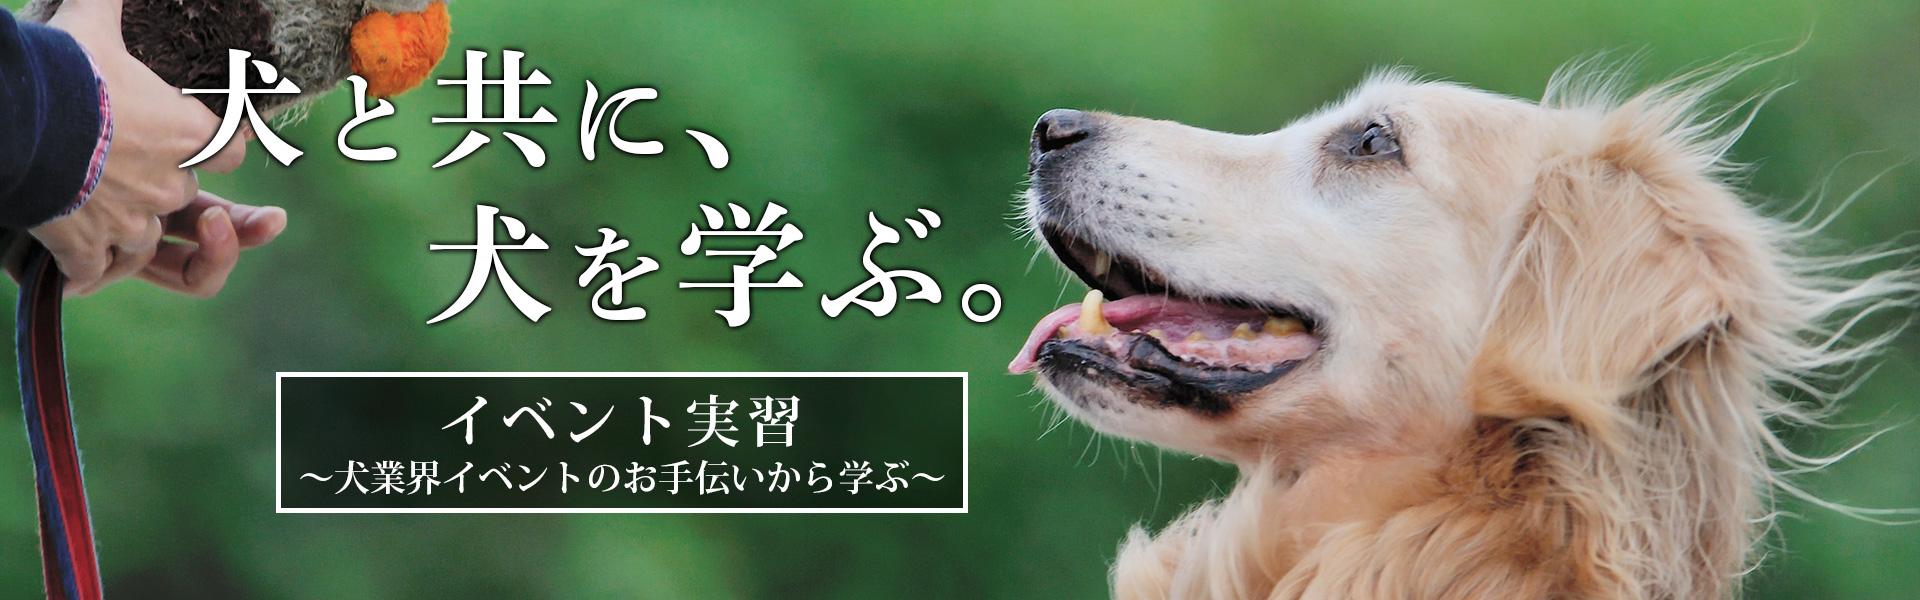 犬業界イベントのお手伝いから学ぶPLAYBOWのイベント実習